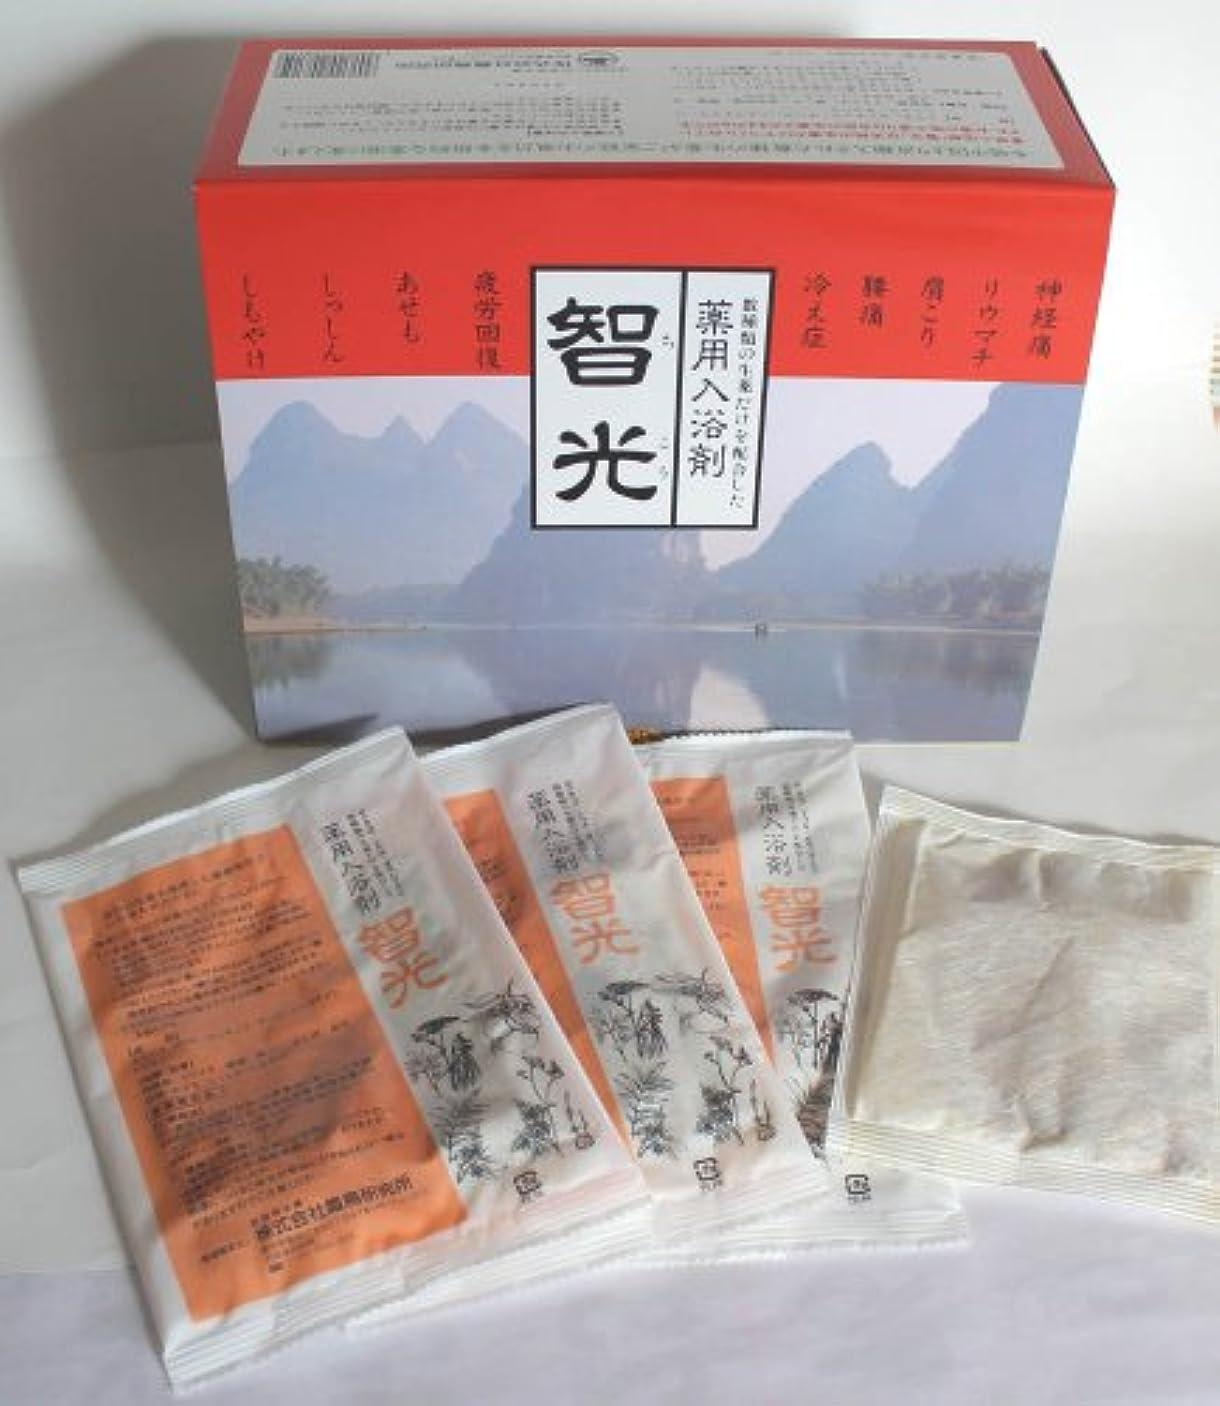 頑固な磁石マイコン薬用入浴剤 智光 (25g×32包入り)化粧箱なし